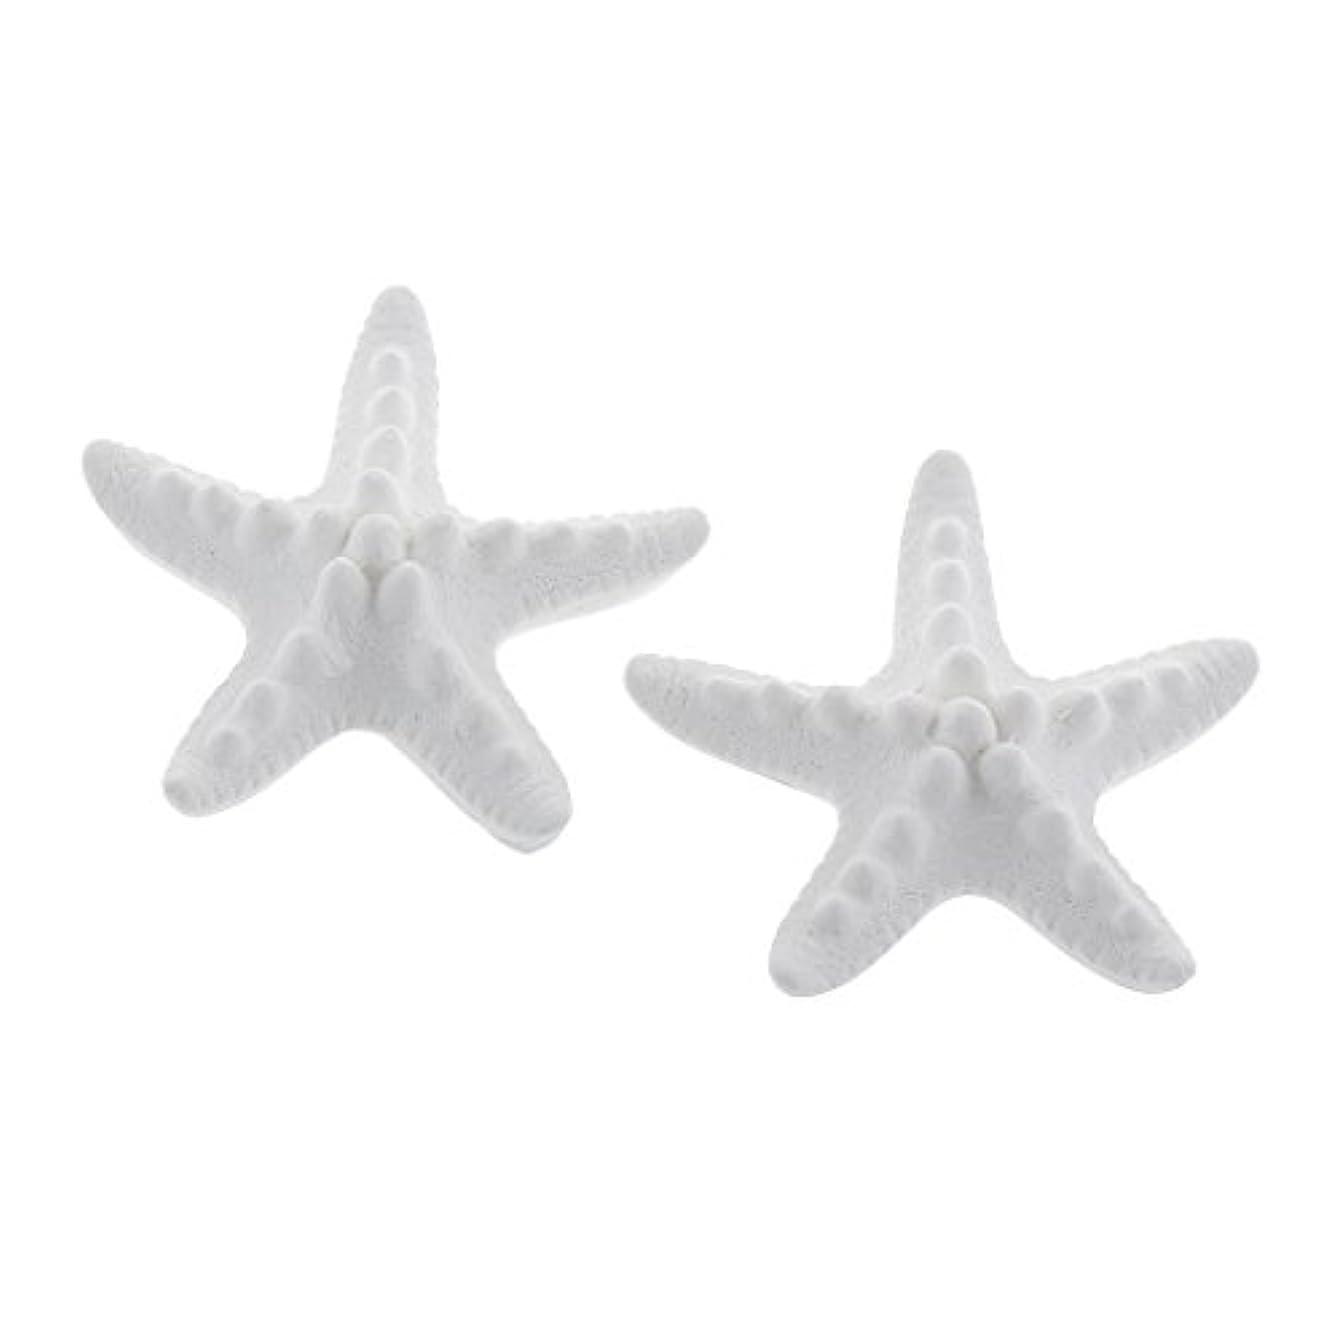 ひねくれた遠足抹消家の装飾のための2個のSeastarの香りの芳香の石DIYの精油の拡散器